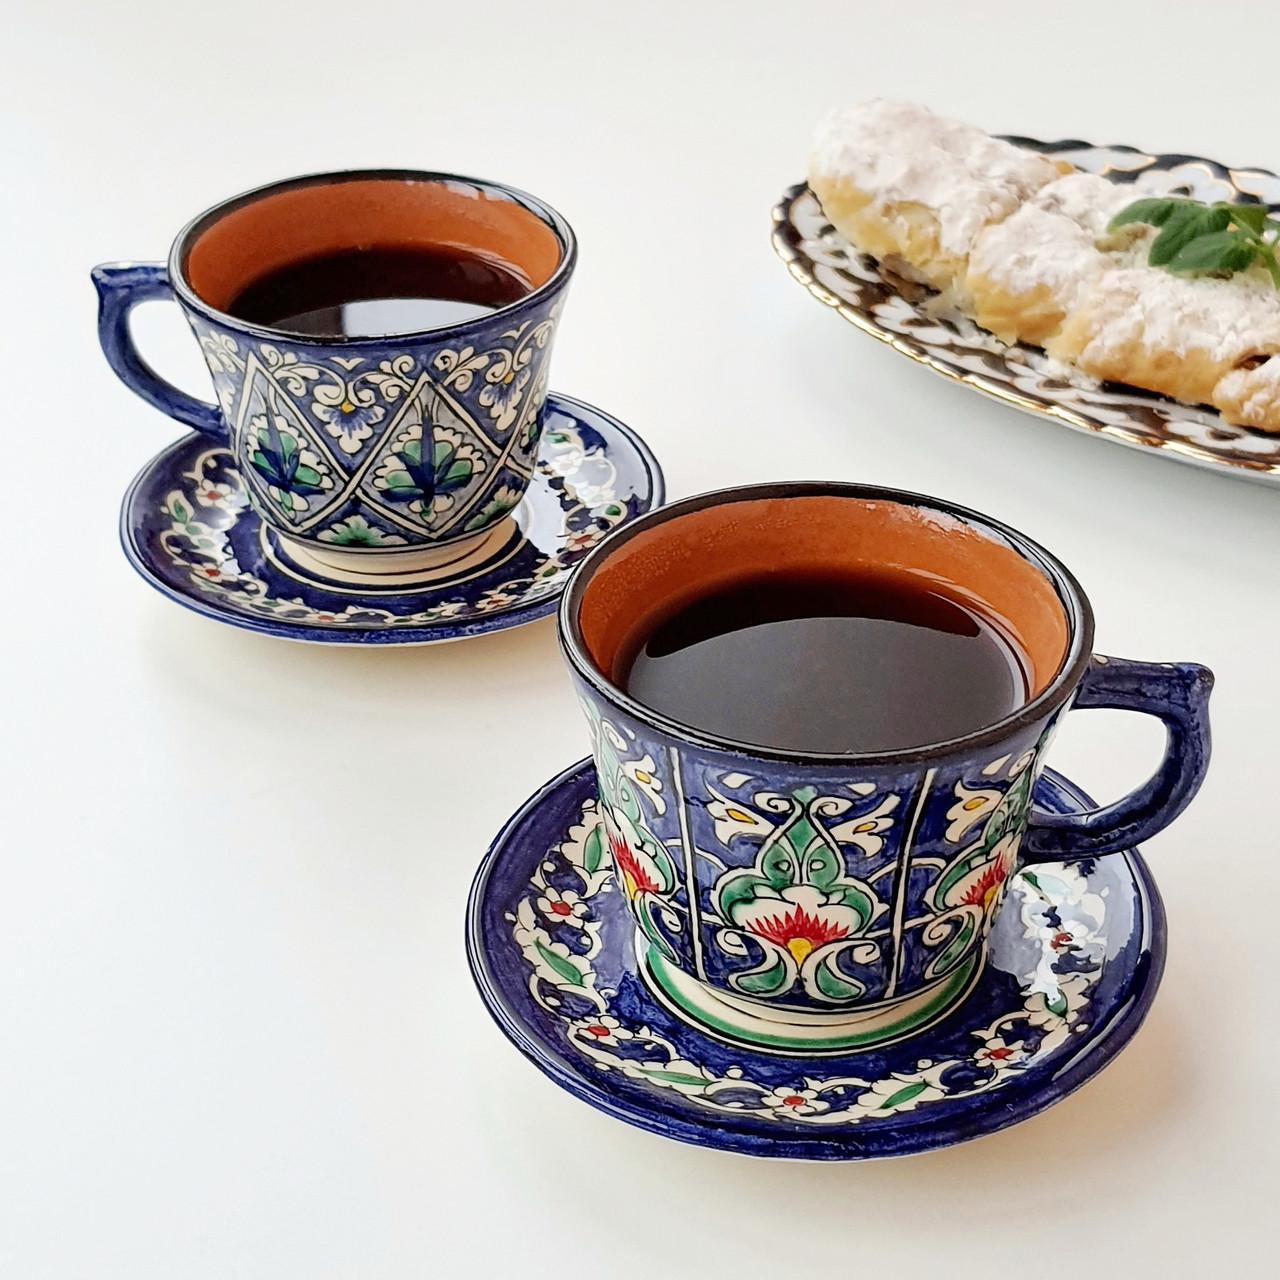 Кофейная чашка с блюдцем 100 мл ручной работы из Узбекистана (3)